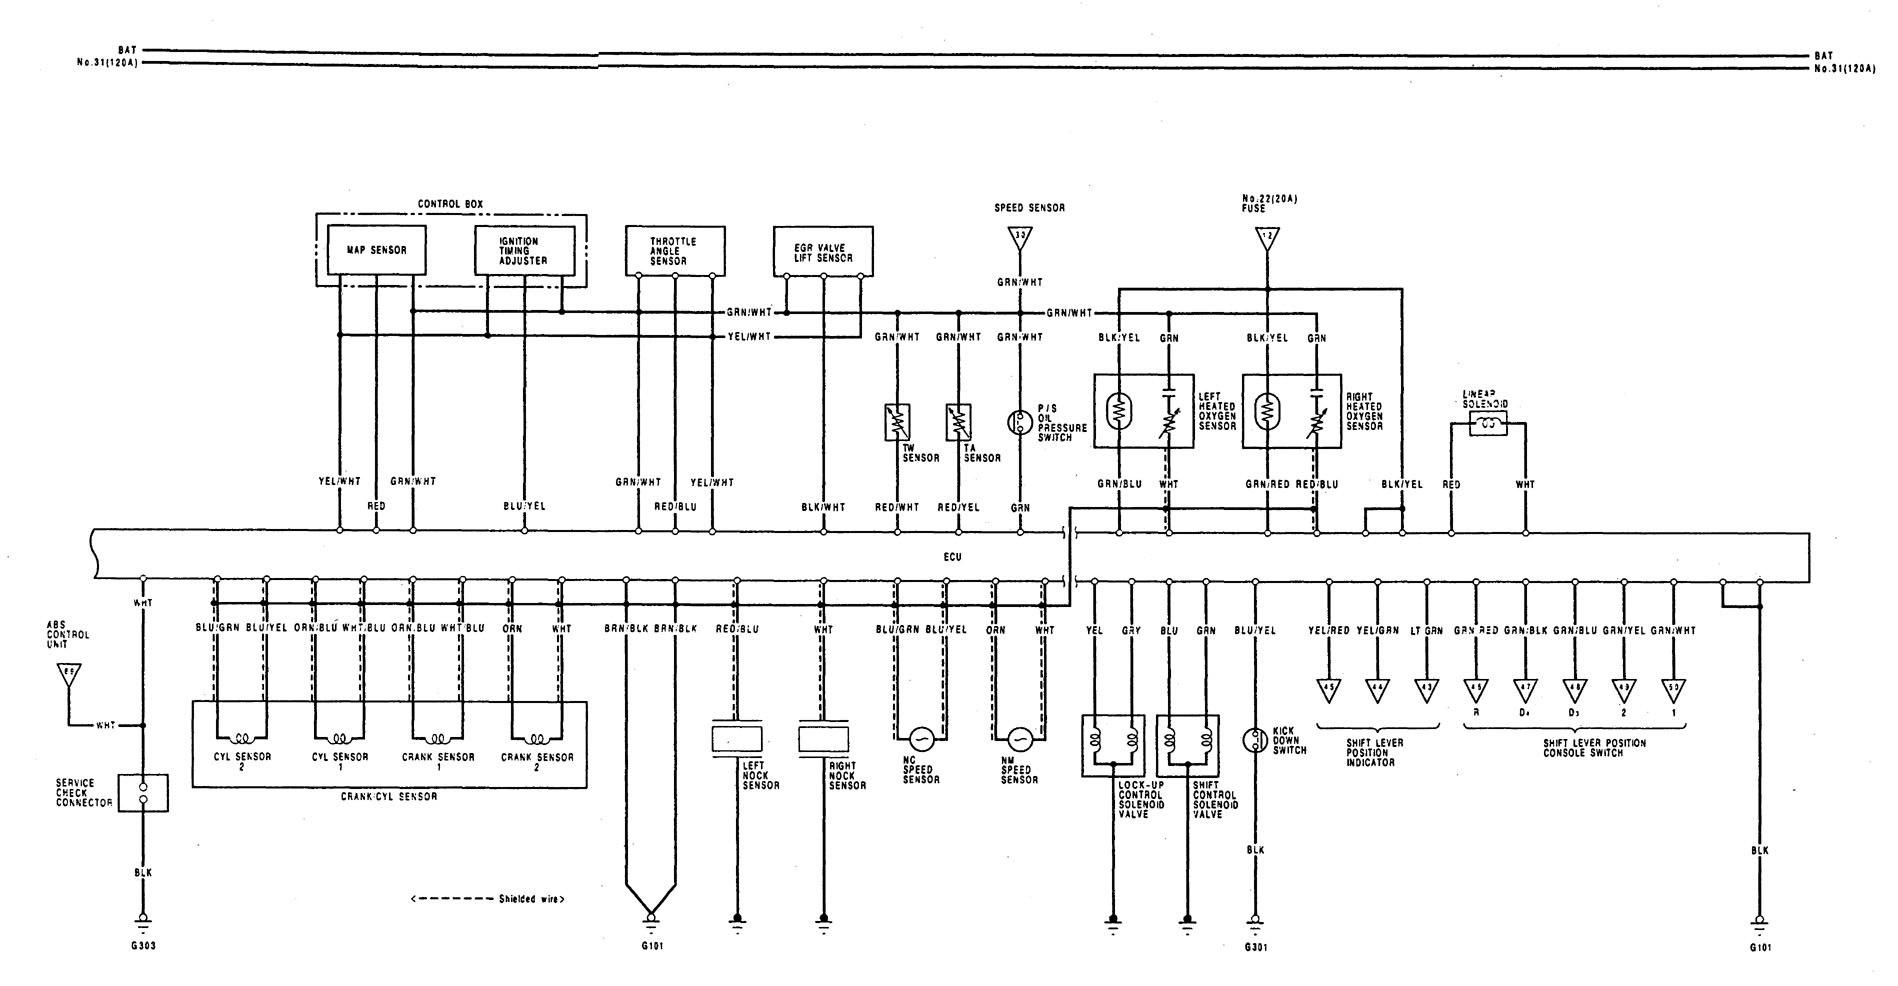 acura legend  1992  - wiring diagram